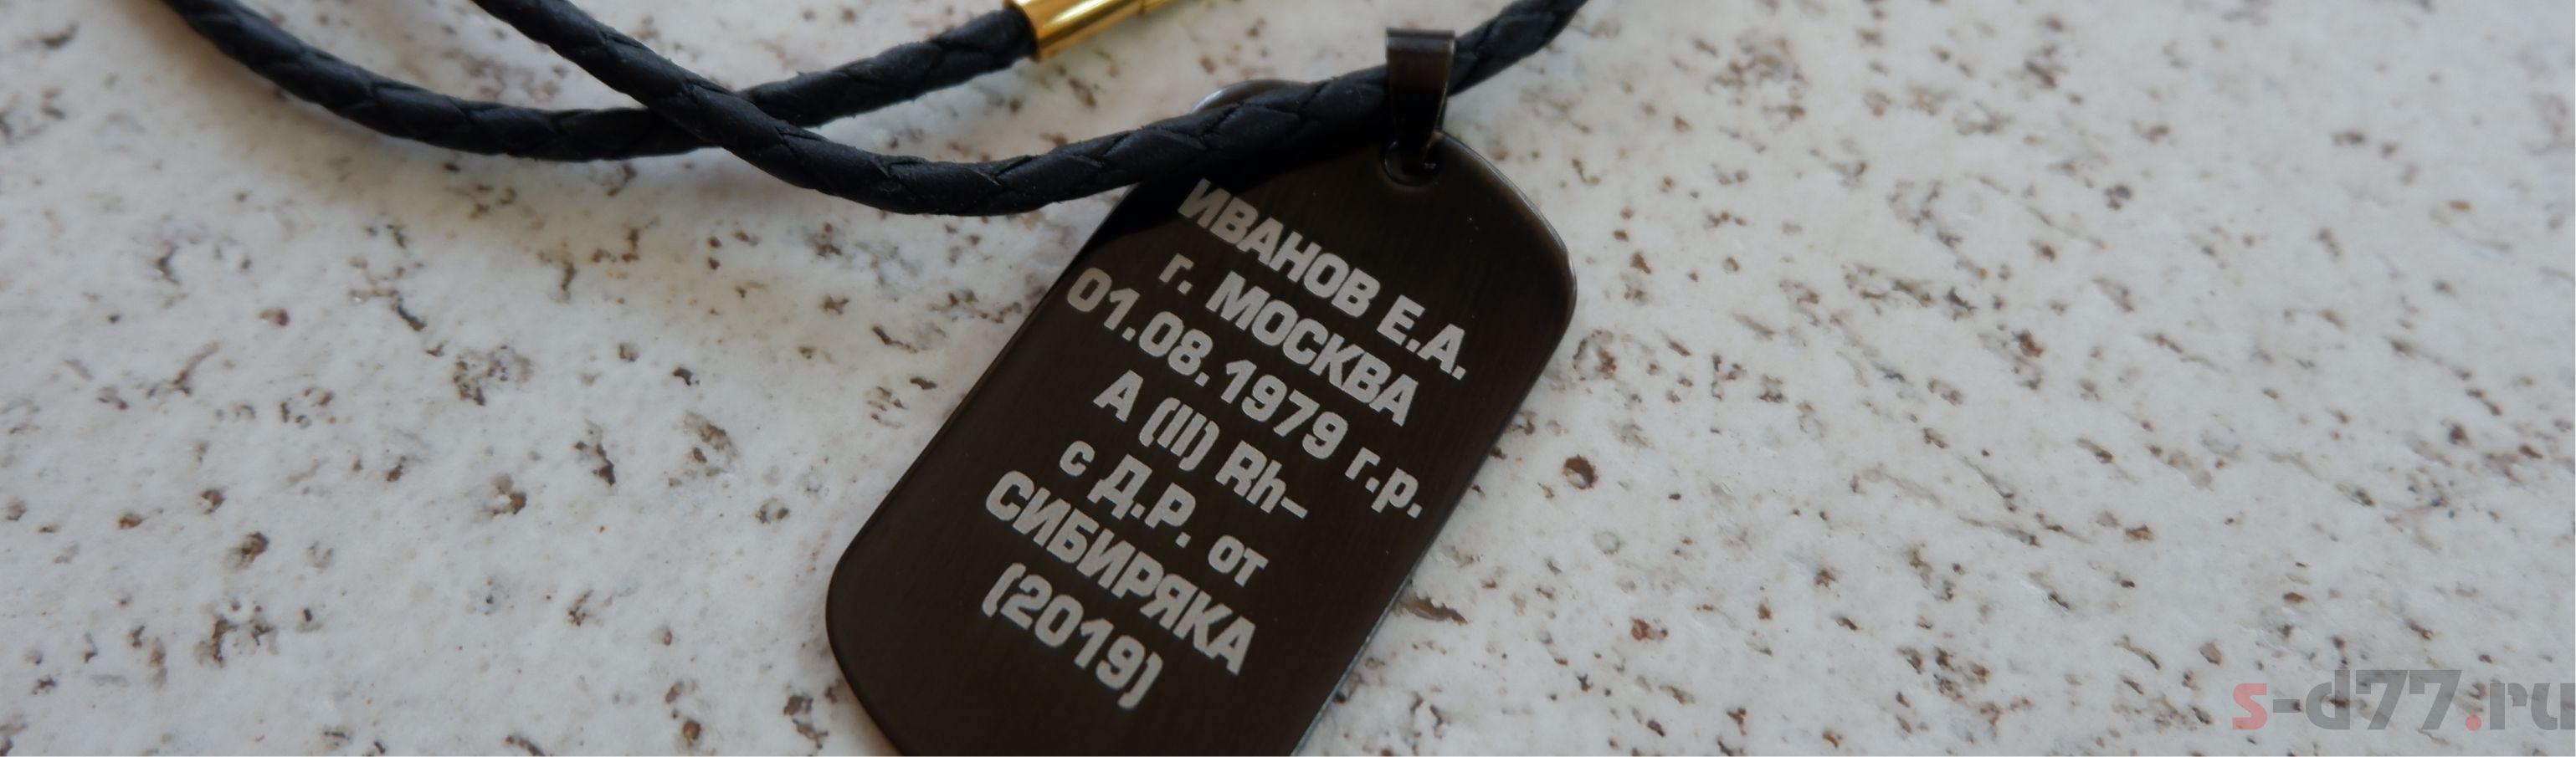 Лазерная гравировка на железных анодированных жетонах Щербинка, Бутово, Подольск